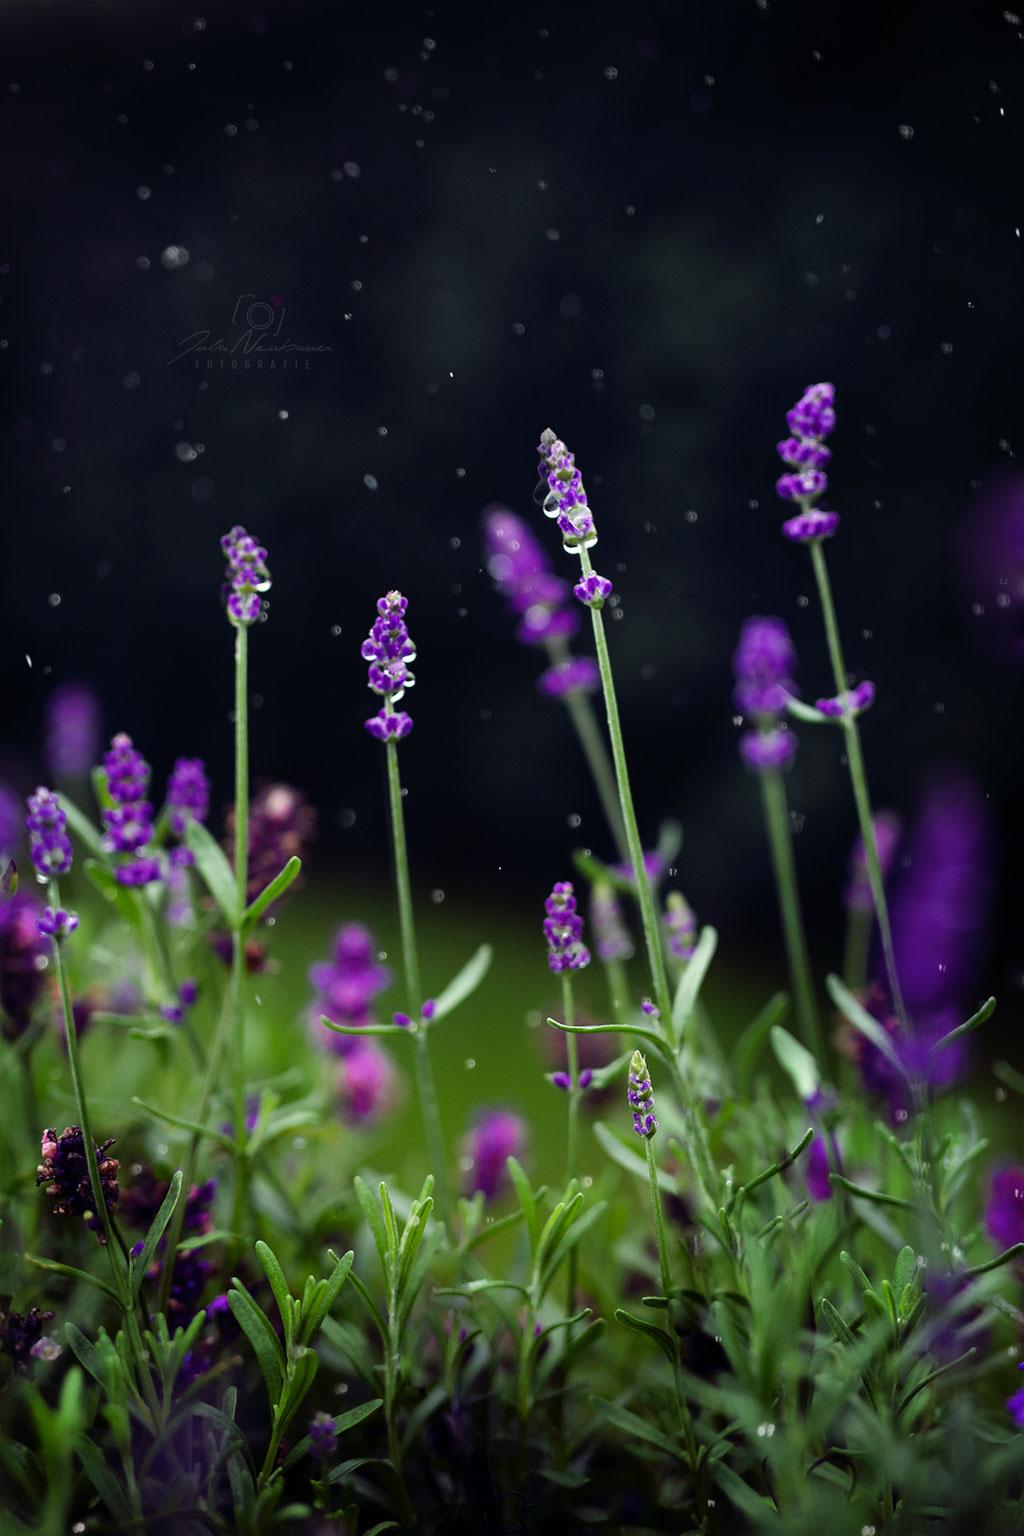 Blumen_Lavendel_Die Roadies_Landschaft_Fotografin Julia Neubauer